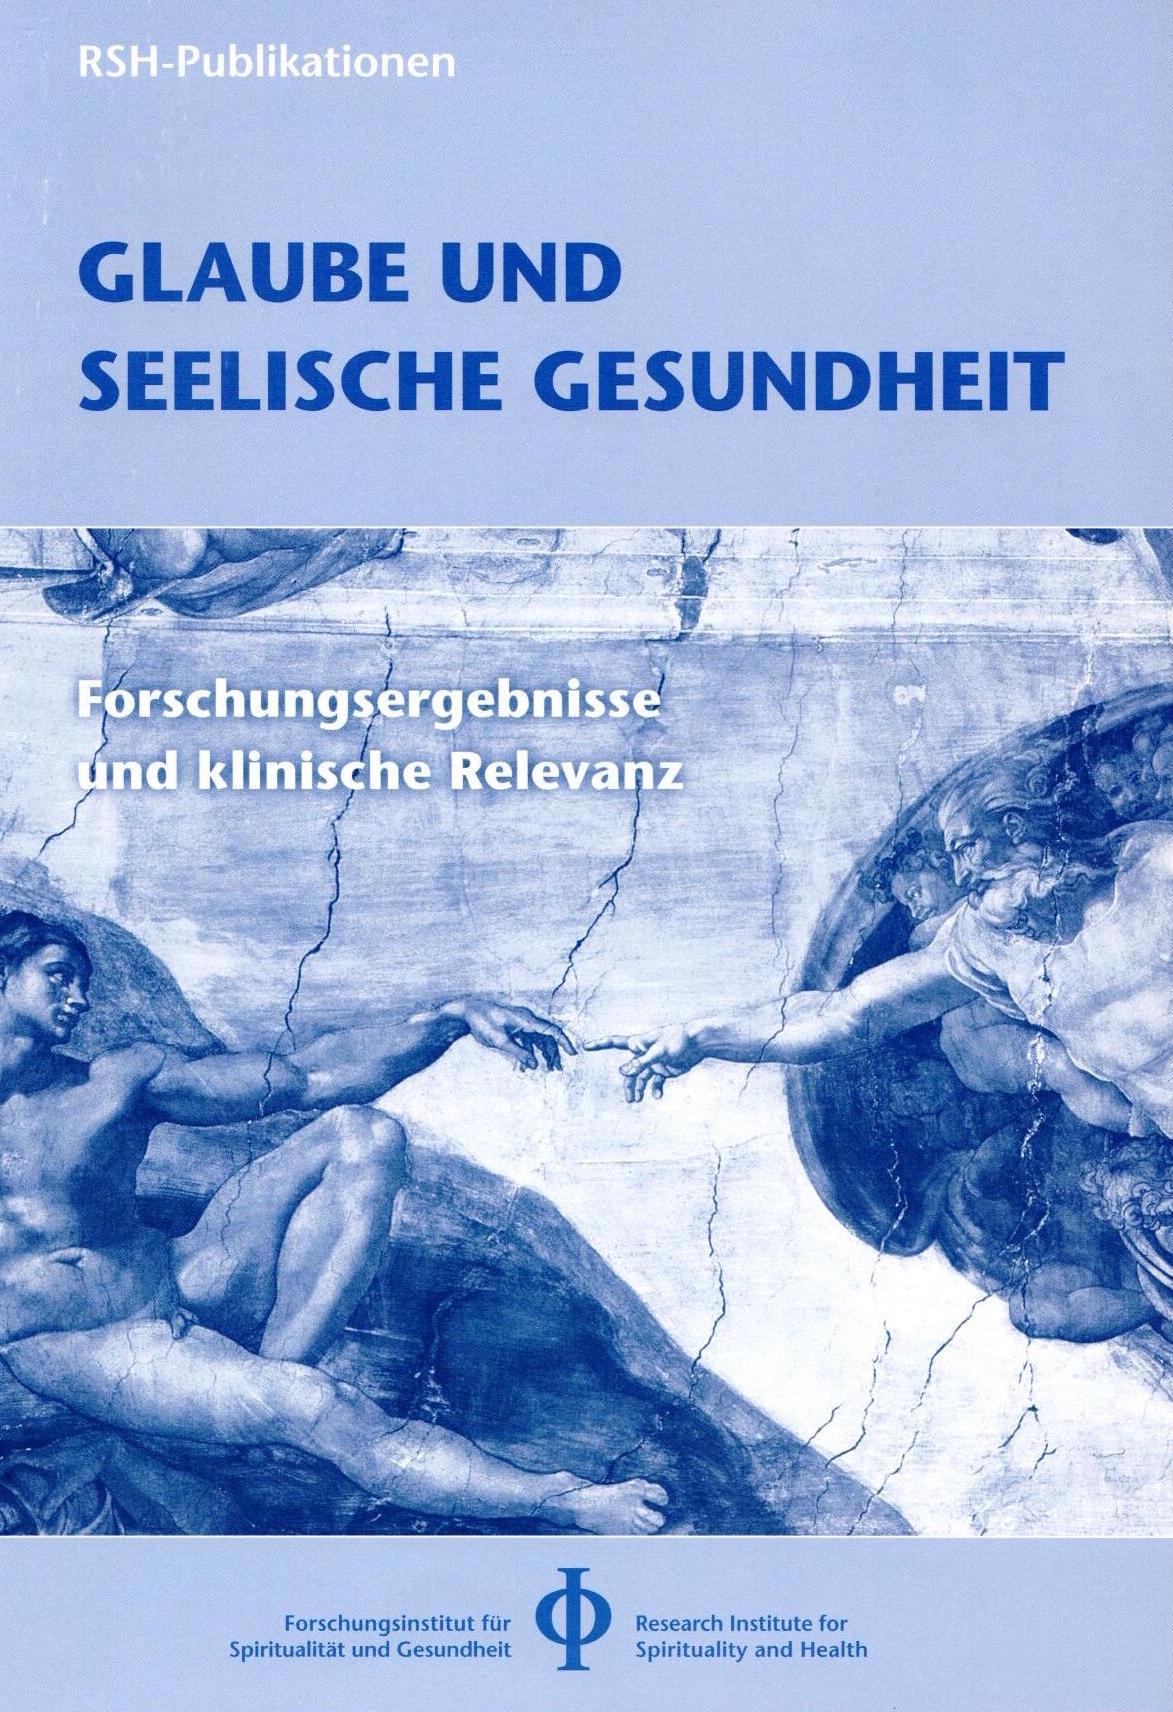 Cover Glaube und selische Gesundheit.jpg